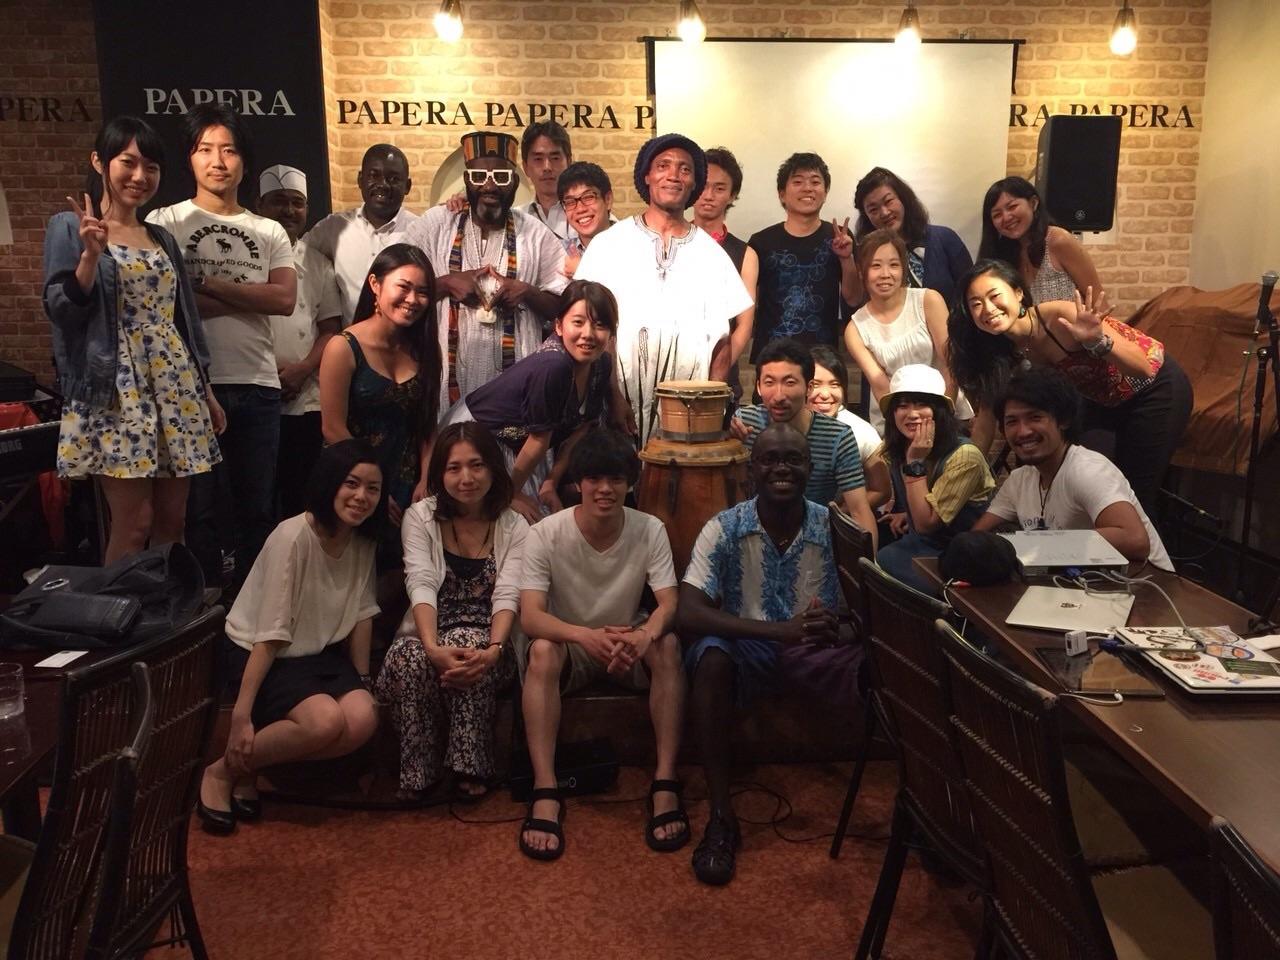 日本各地で行われるアフリカイベント African event in Japan